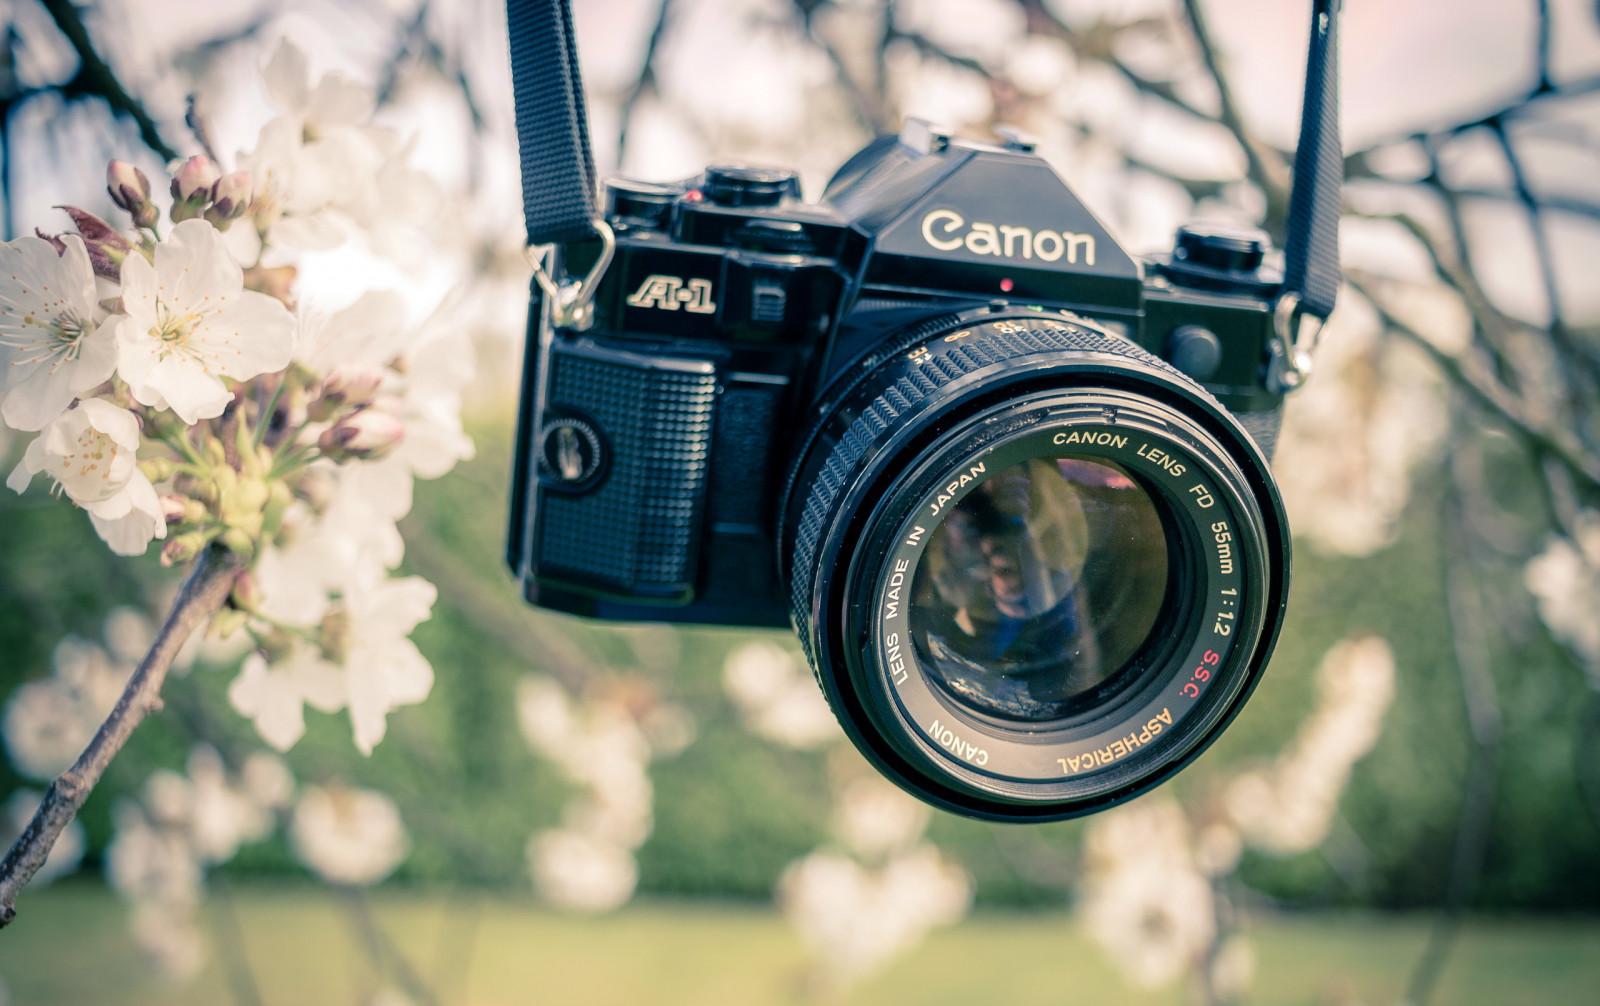 фотосъемка на зеркальный фотоаппарат при солнце